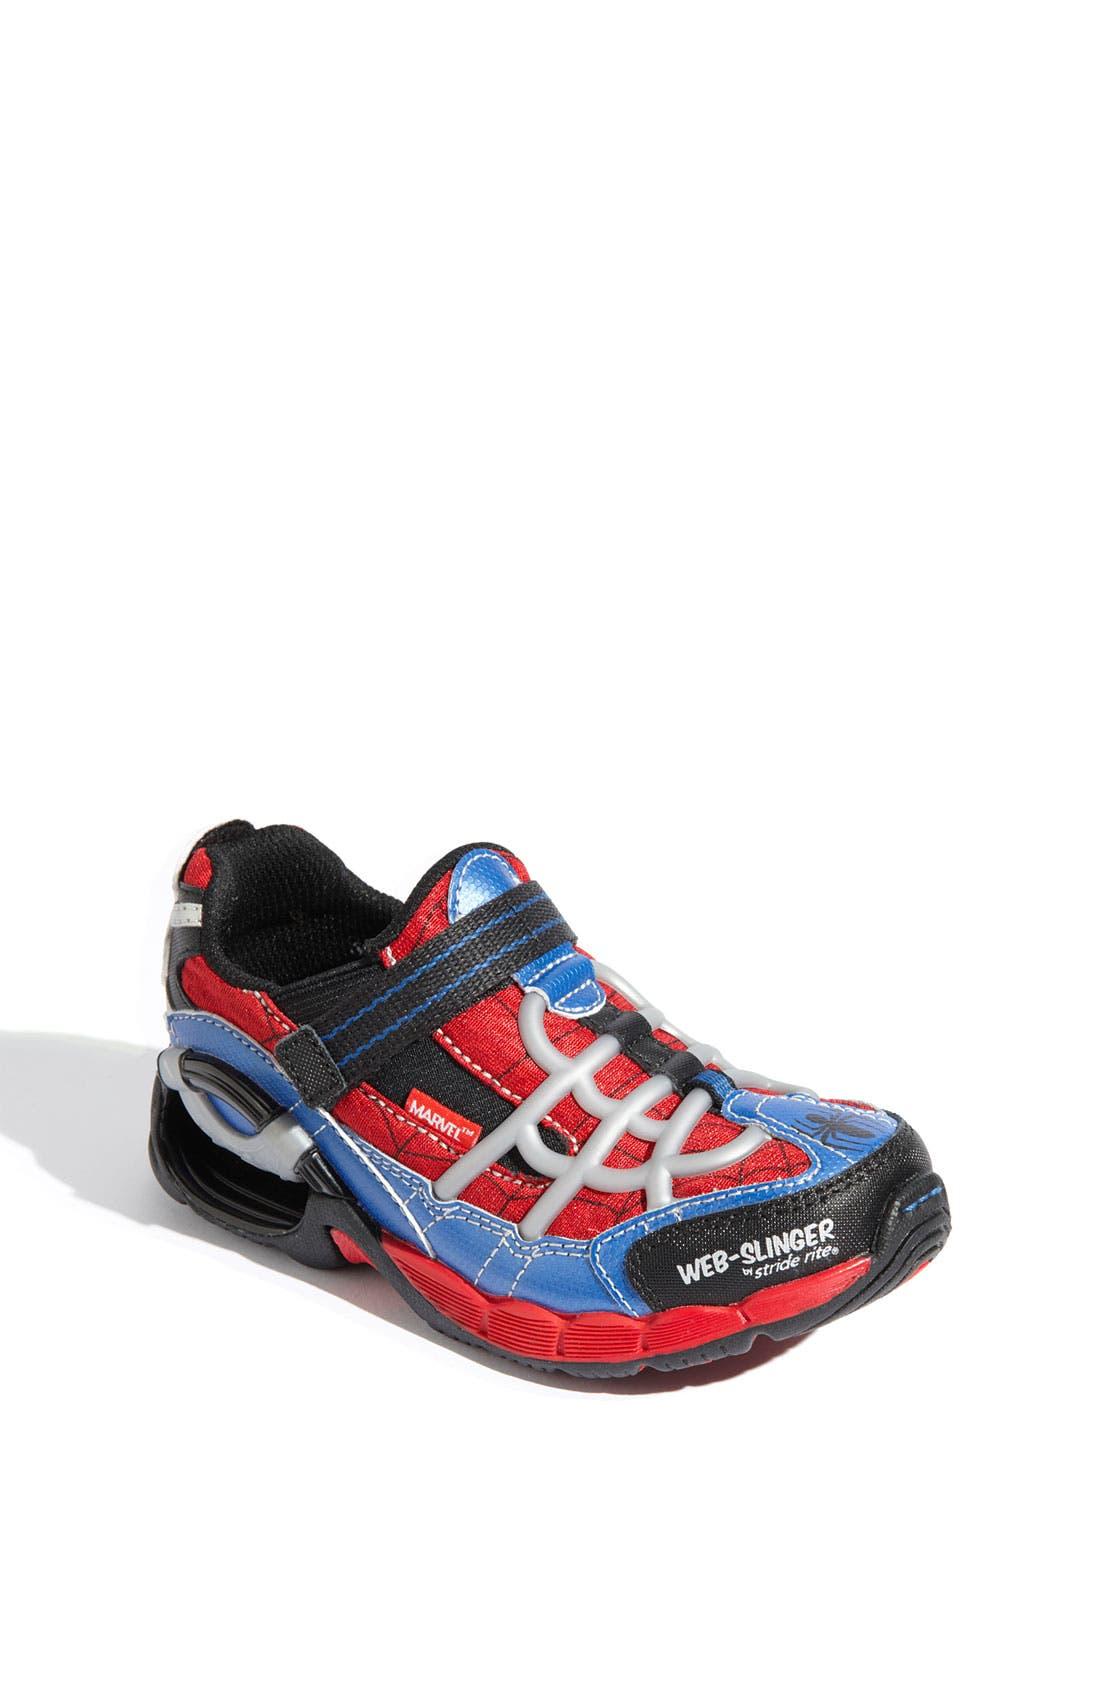 Main Image - Stride Rite 'Web Slinger' Sneaker (Toddler & Little Kid)